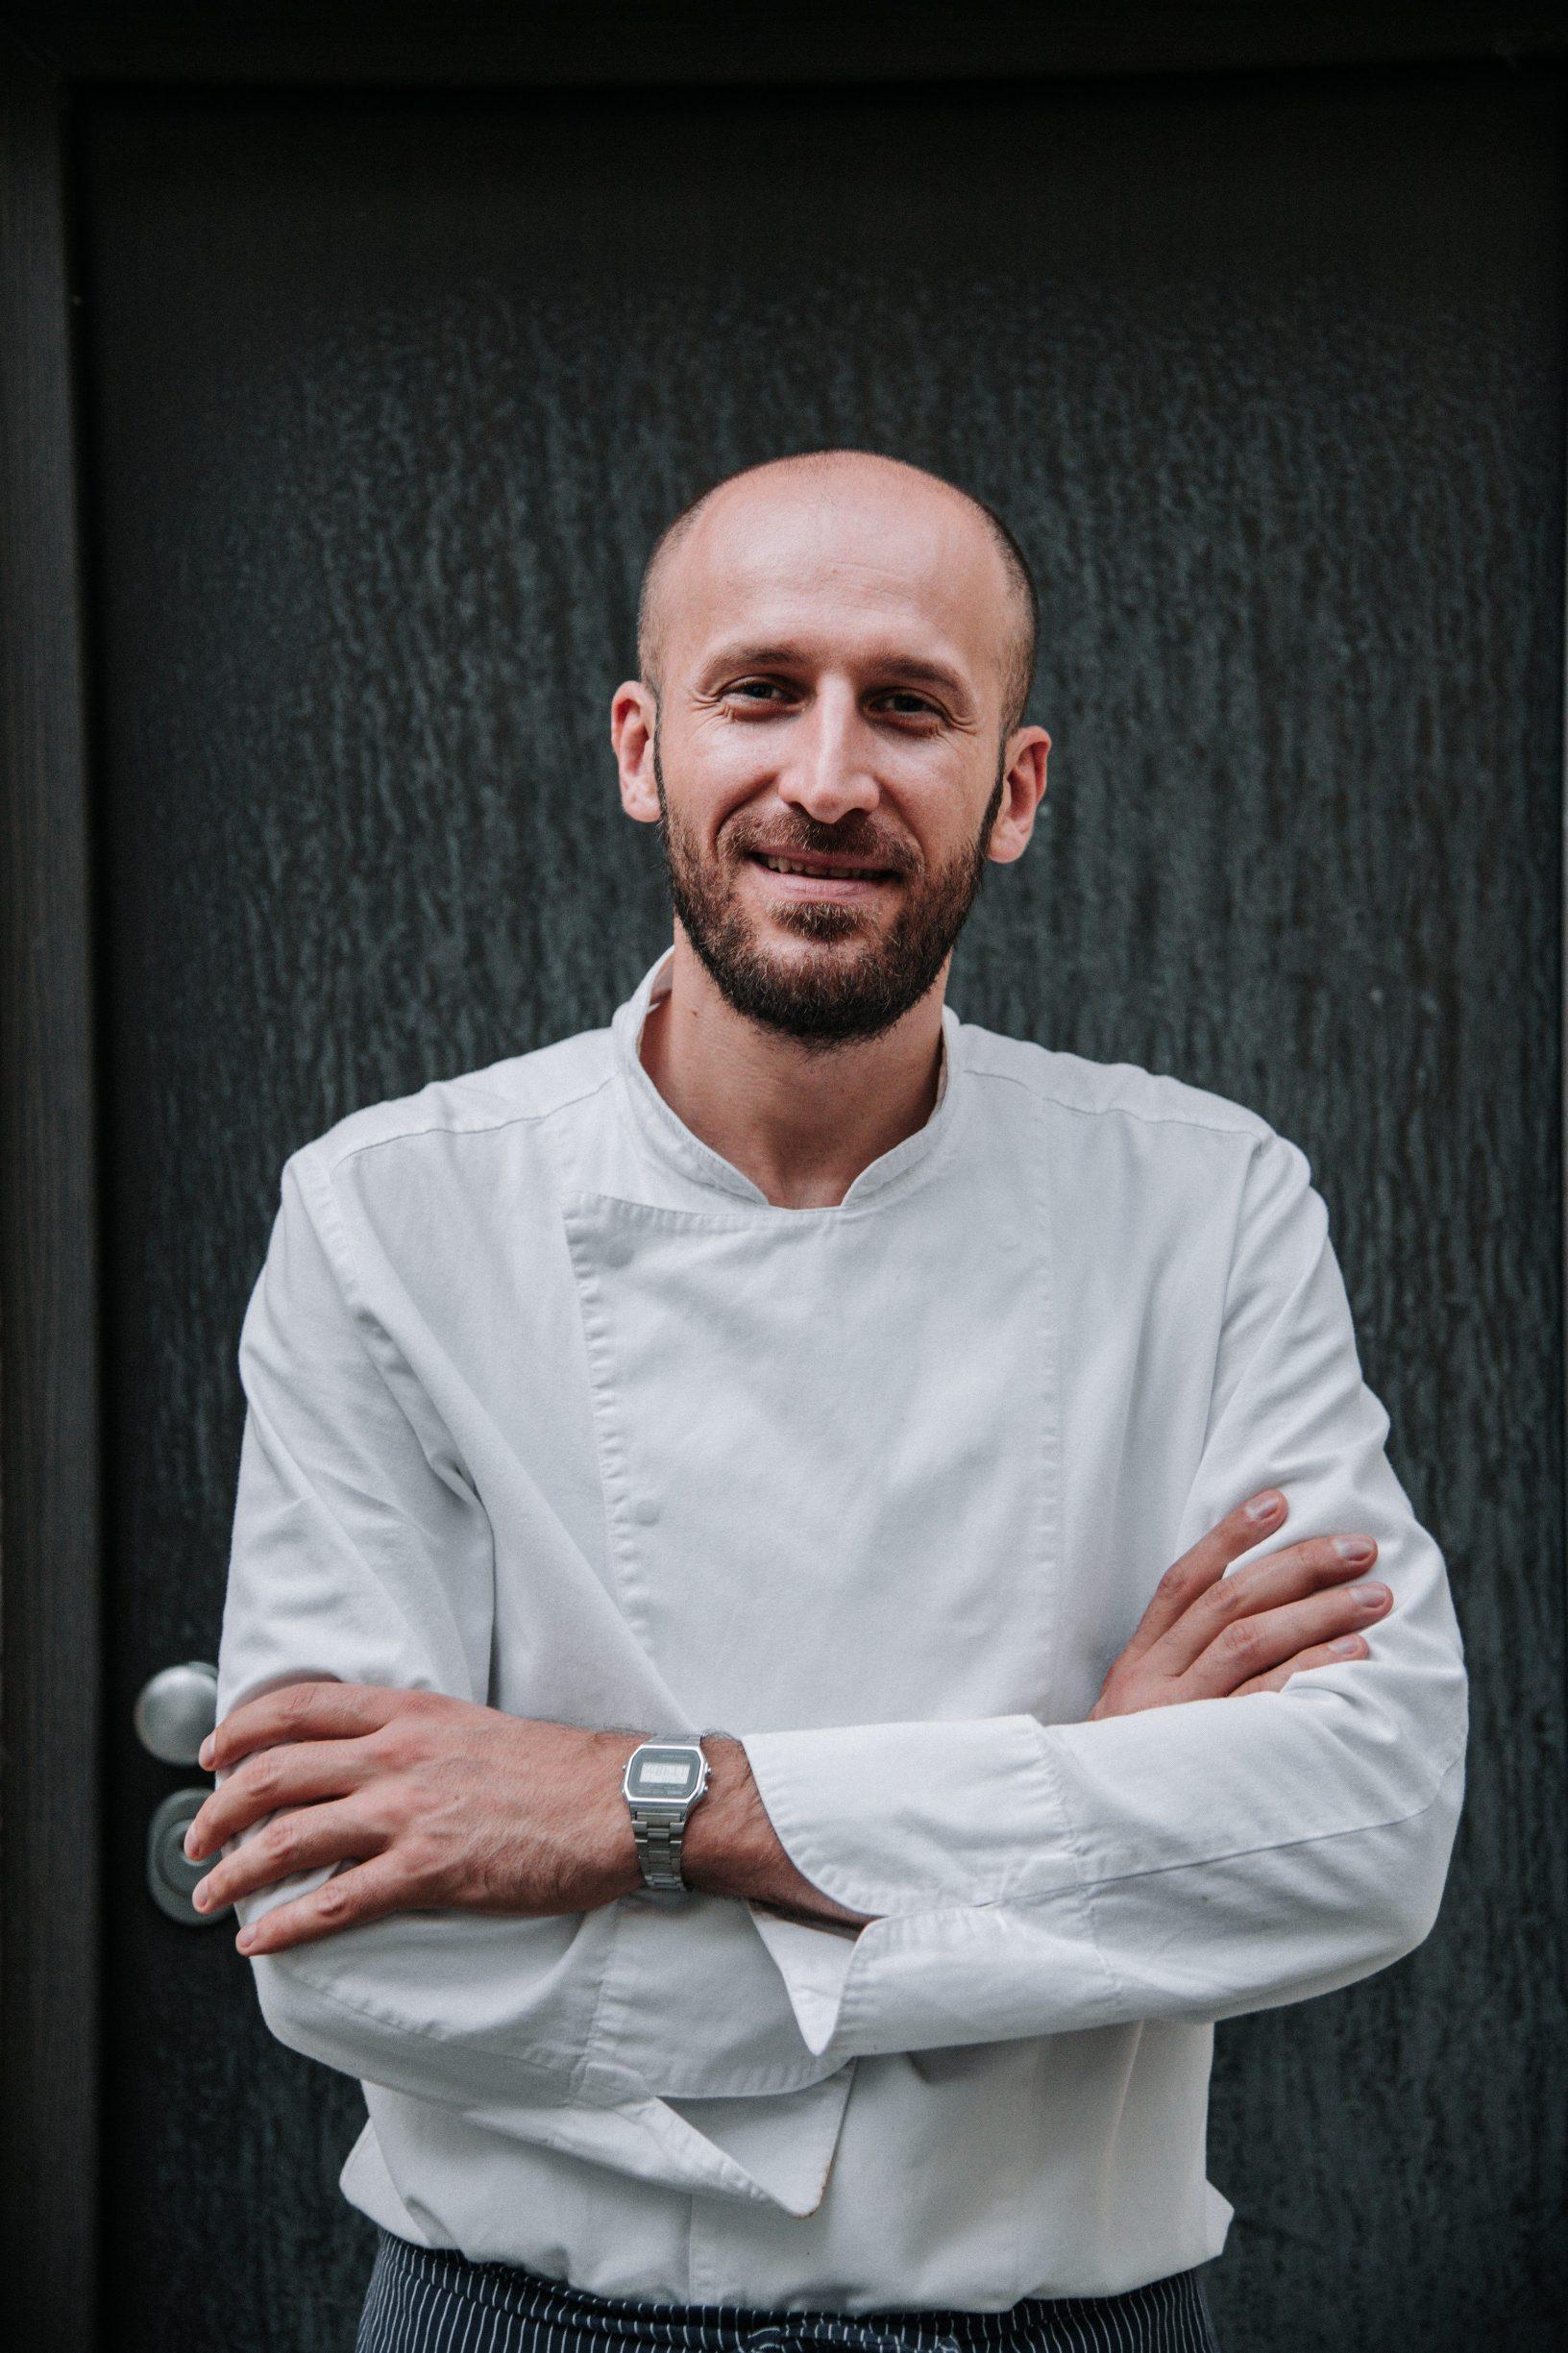 Zagreb, 231019 Chef Marin Medak odrzao je radionicu pastramija u Bagel baru. Na slici je: Marin Medak. Foto: Marko Miscevic / Cropix